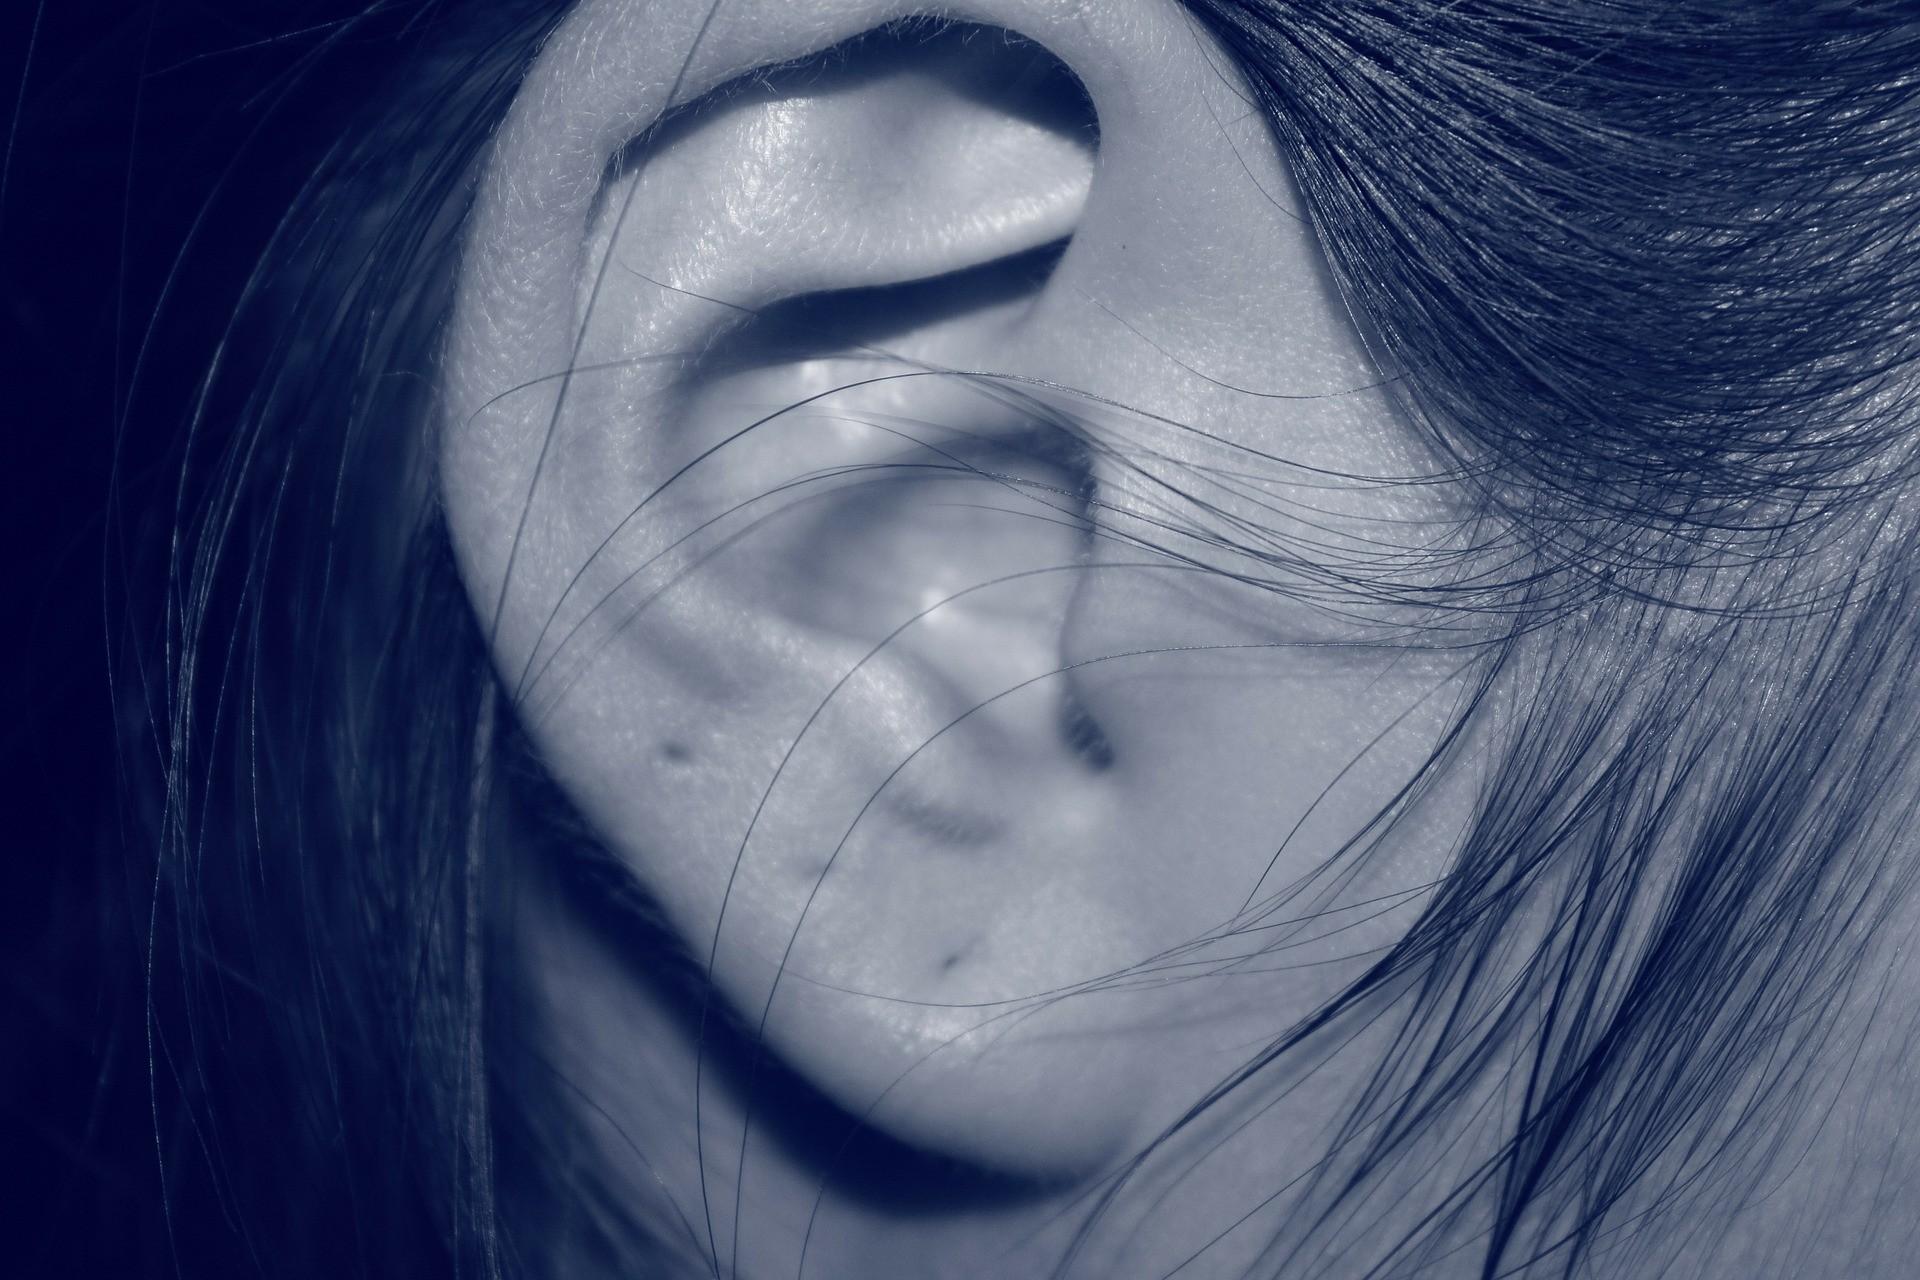 ▲耳洞,打耳洞。(圖/取自免費圖庫Pixabay)